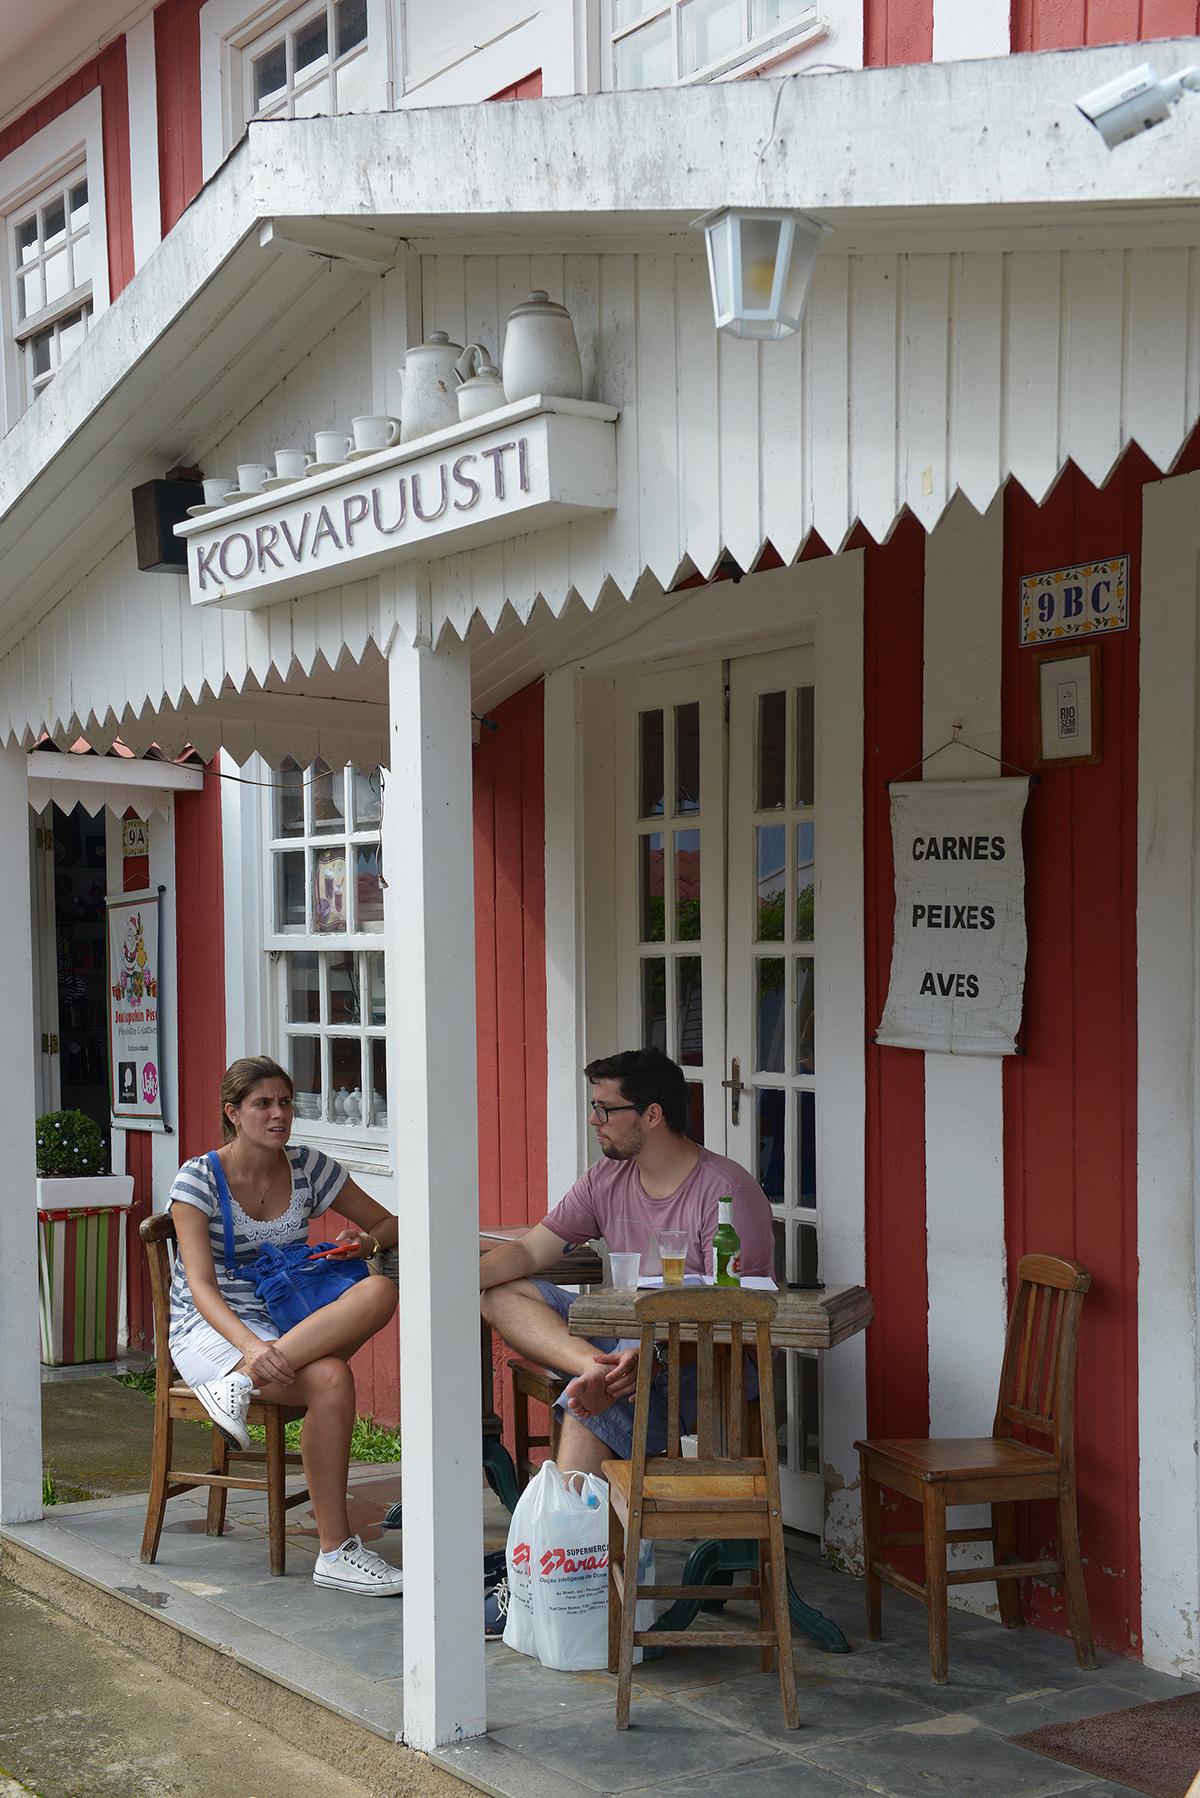 Brasilia, Penedo, Pikku-Suomi, suomikylä, tropiikki, turistikylä, matka, matkailu, matkablogi, reissu, ravintola